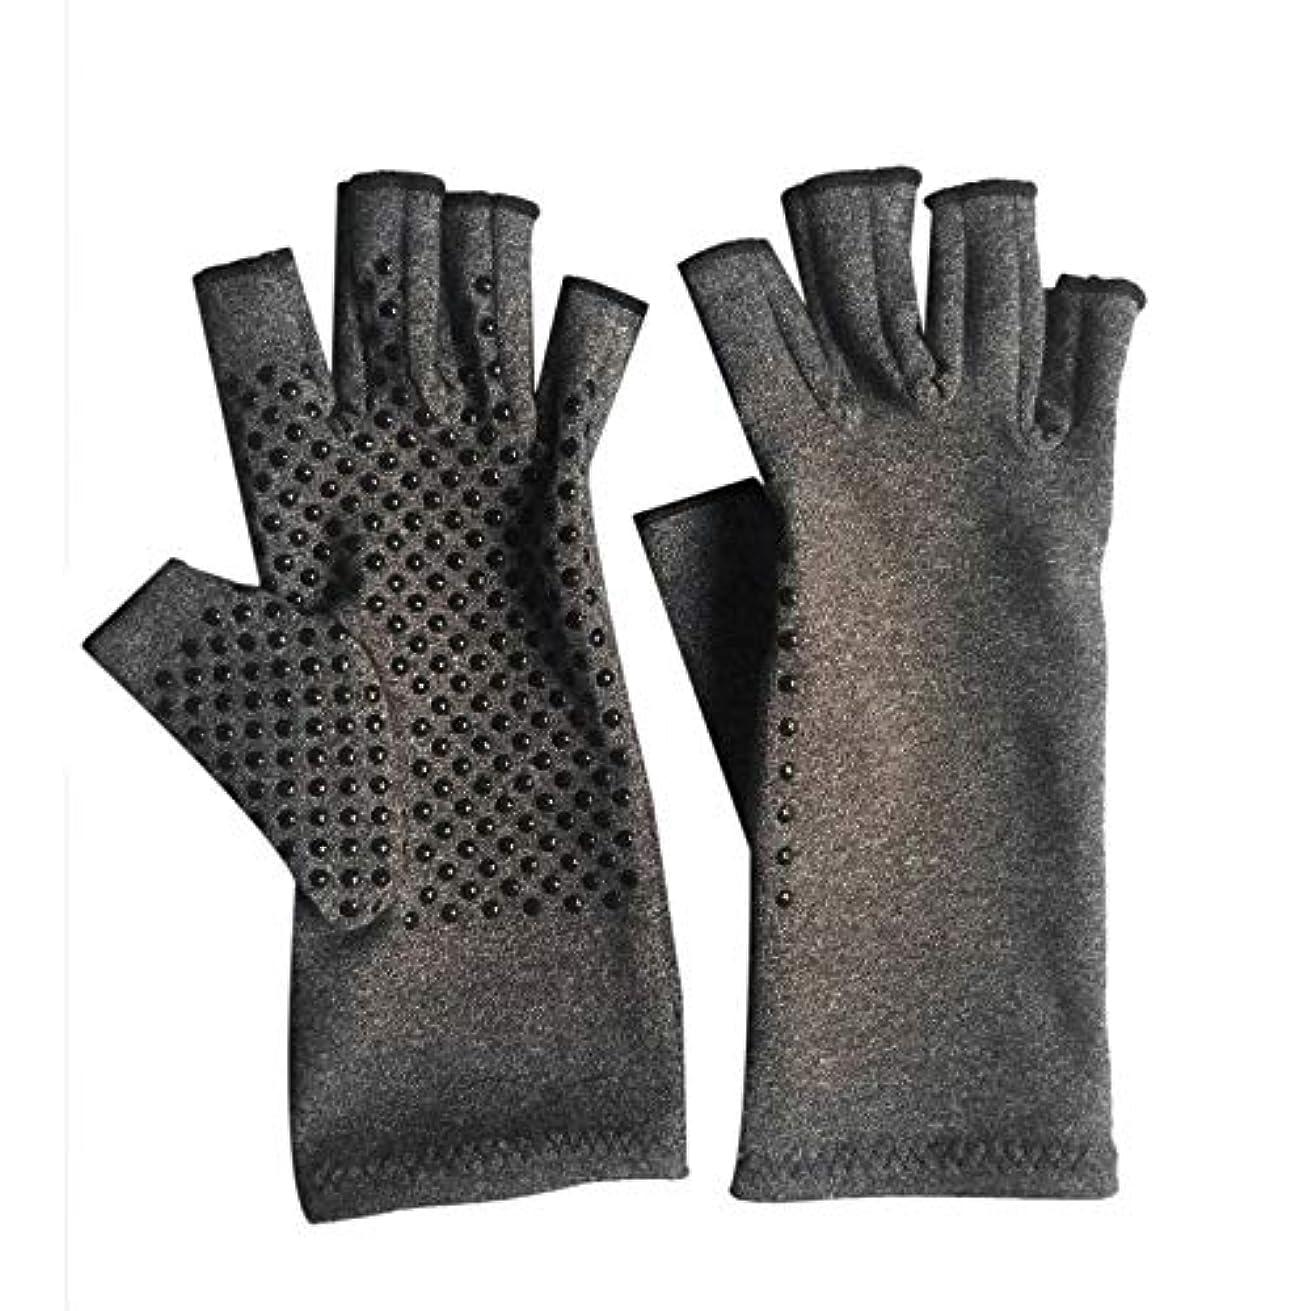 行商人忌避剤書道1ペアユニセックス男性女性療法圧縮手袋関節炎関節痛緩和ヘルスケア半指手袋トレーニング手袋 - グレーM